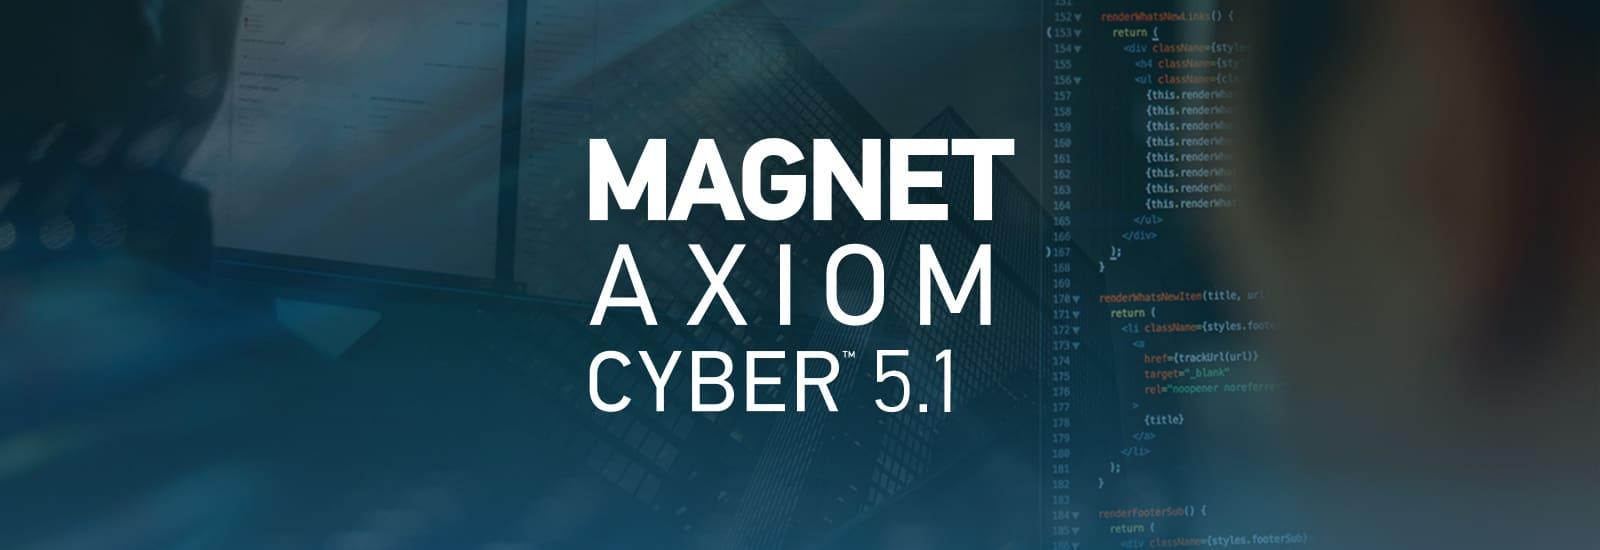 AXIOM Cyber 5.1